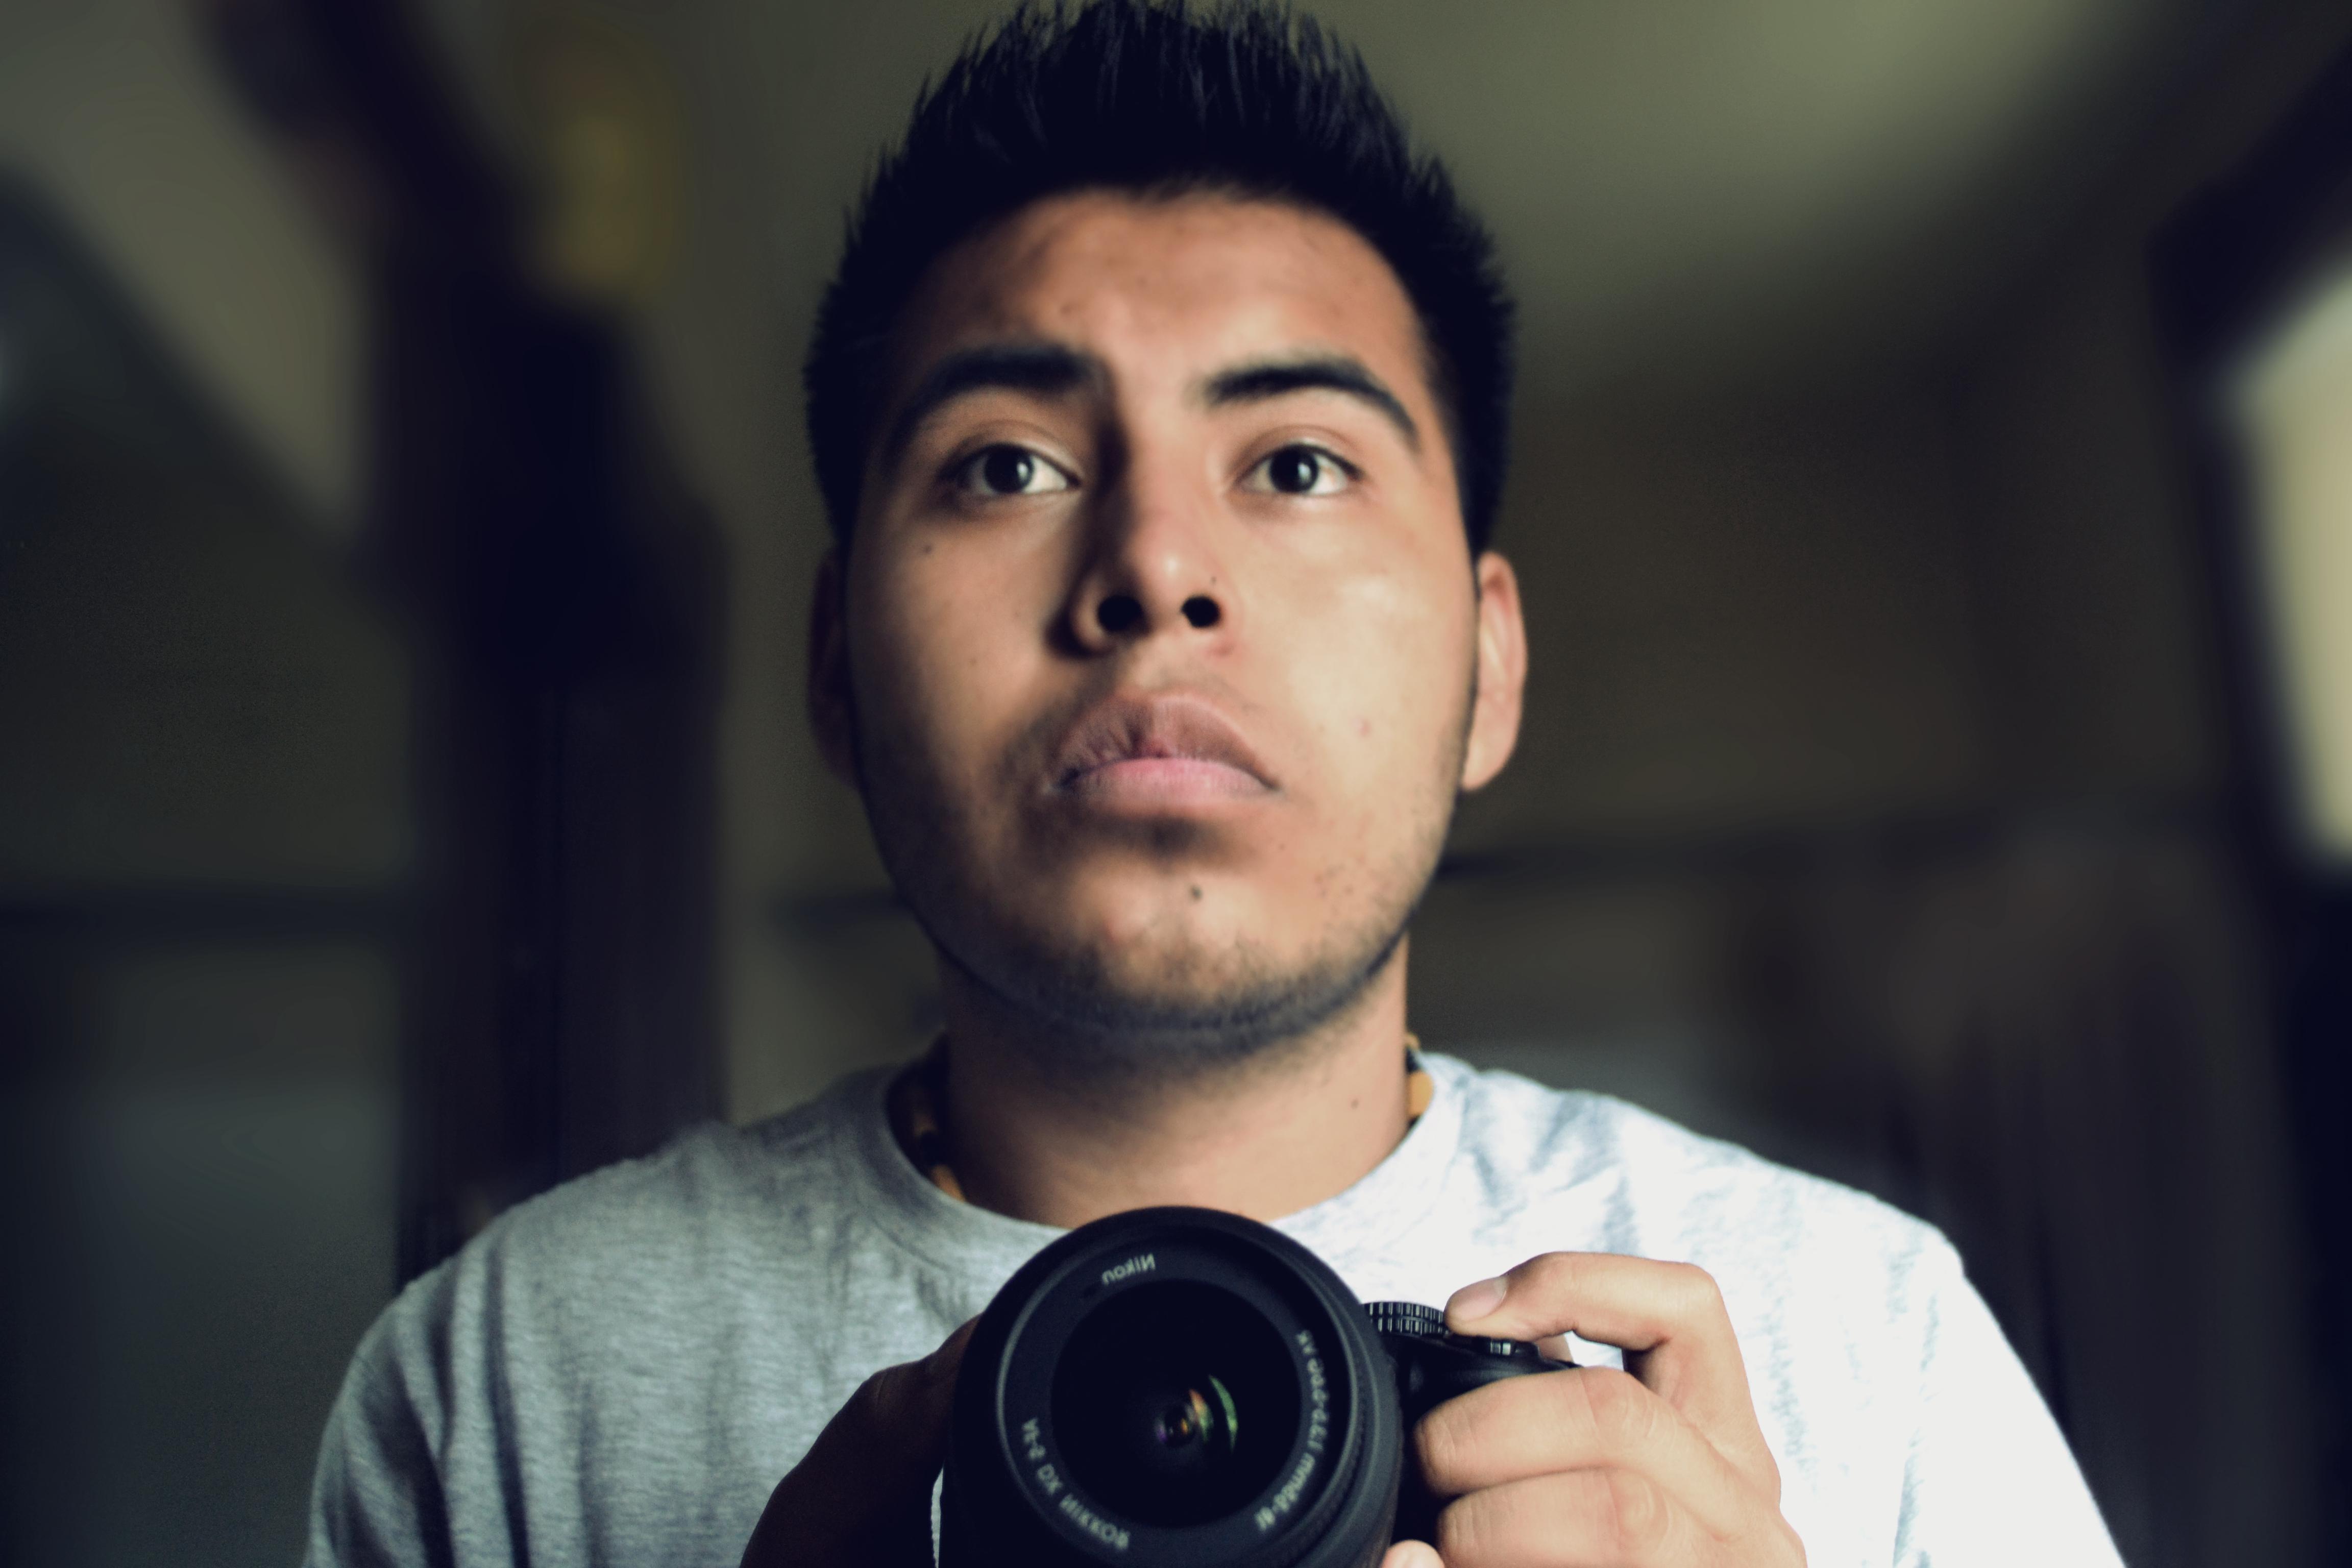 Joven mexicano con una cámara de fotos en las manos.